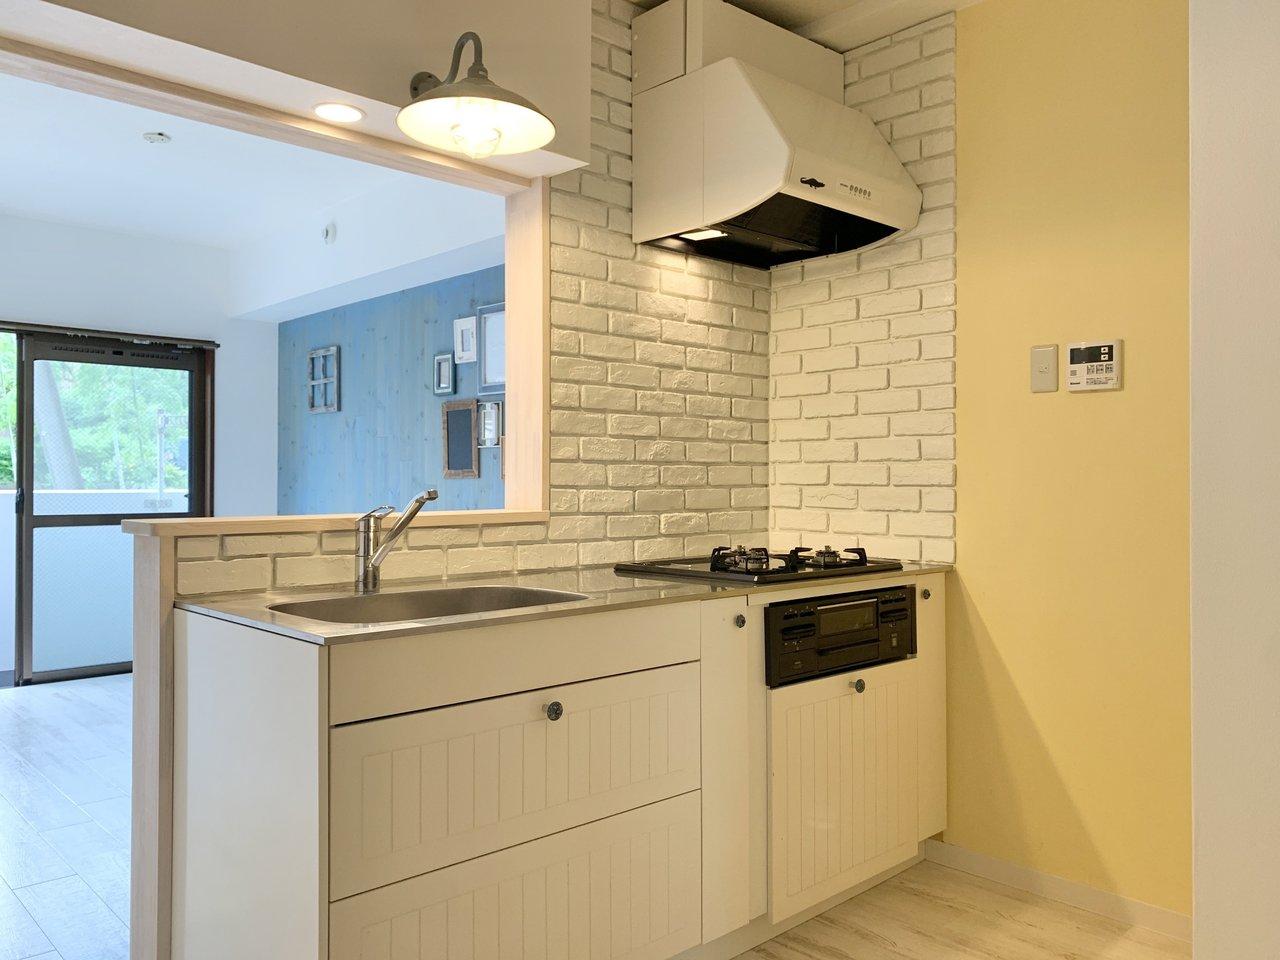 とってもかわいらしいキッチンもおすすめポイント!白いレンガ調のタイルや、収納スペースもディテールが凝っていますね。シンク上のランプもおしゃれ。